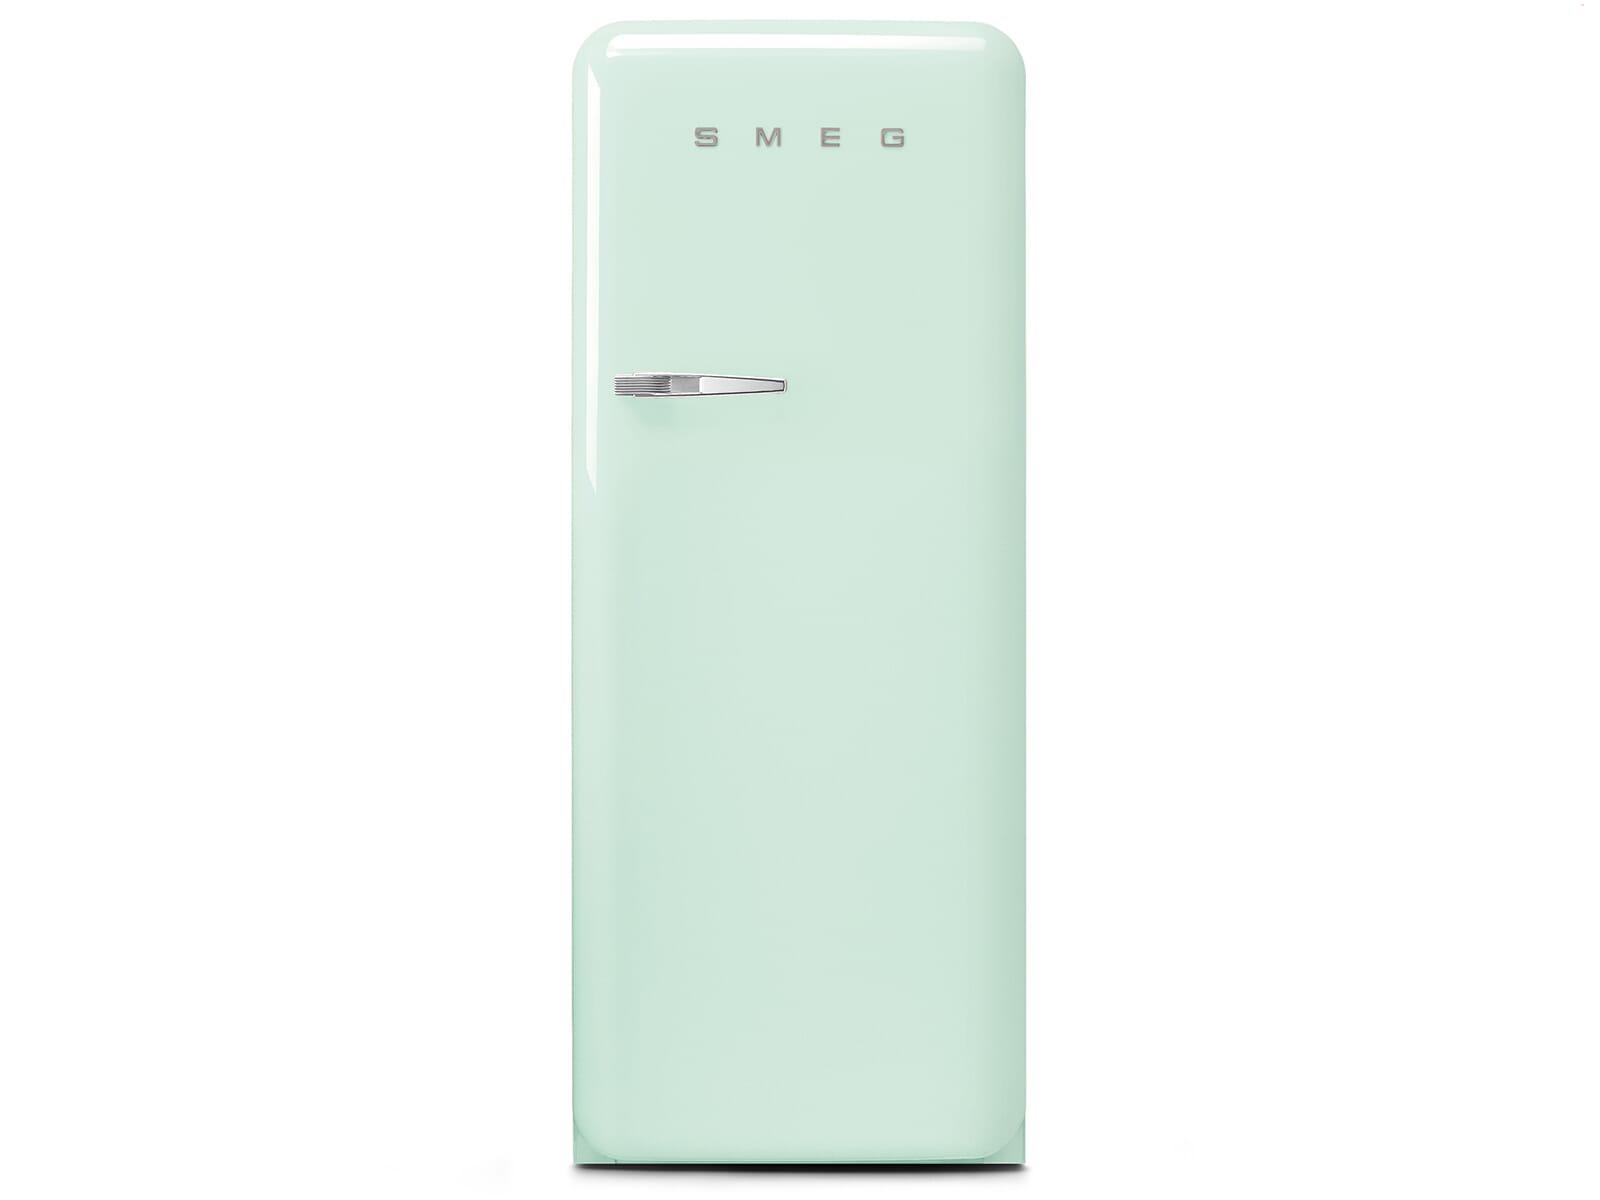 Smeg Kühlschrank Pastelgrün : Smeg fab rpg standkühlschrank pastellgrün